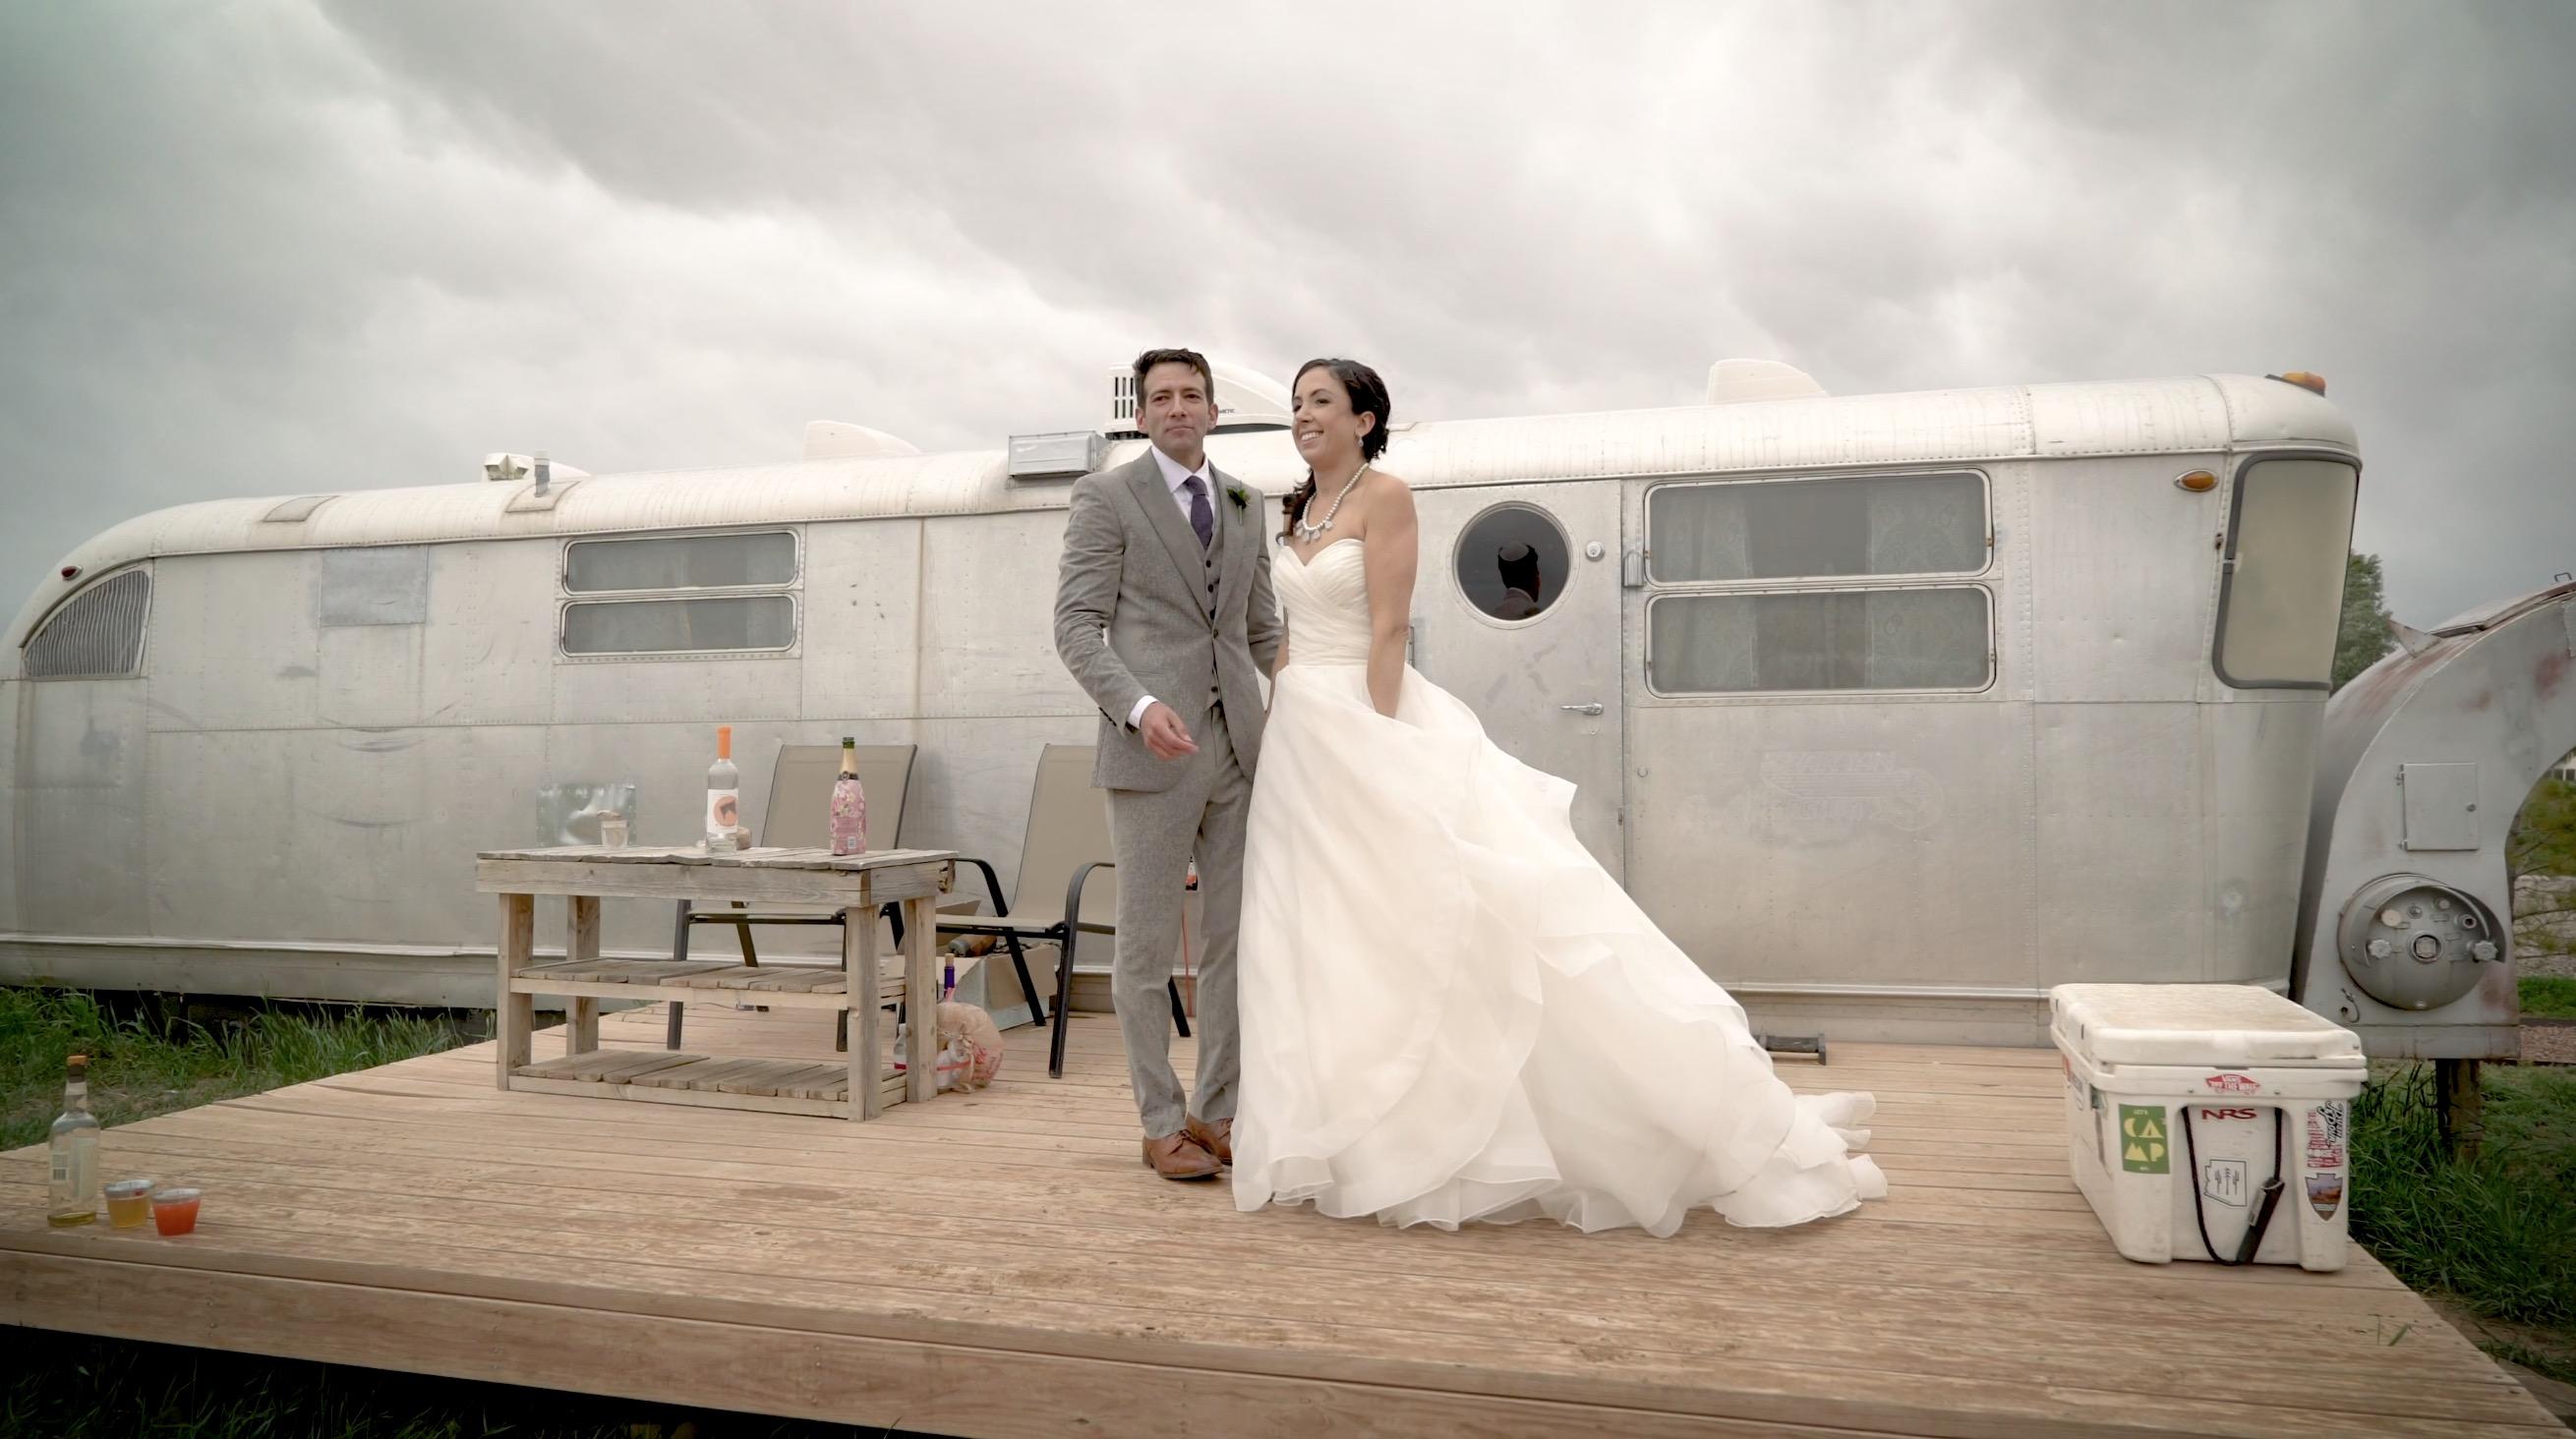 Amanda + Eitan | Taos, New Mexico | Taos Mesa Brewery